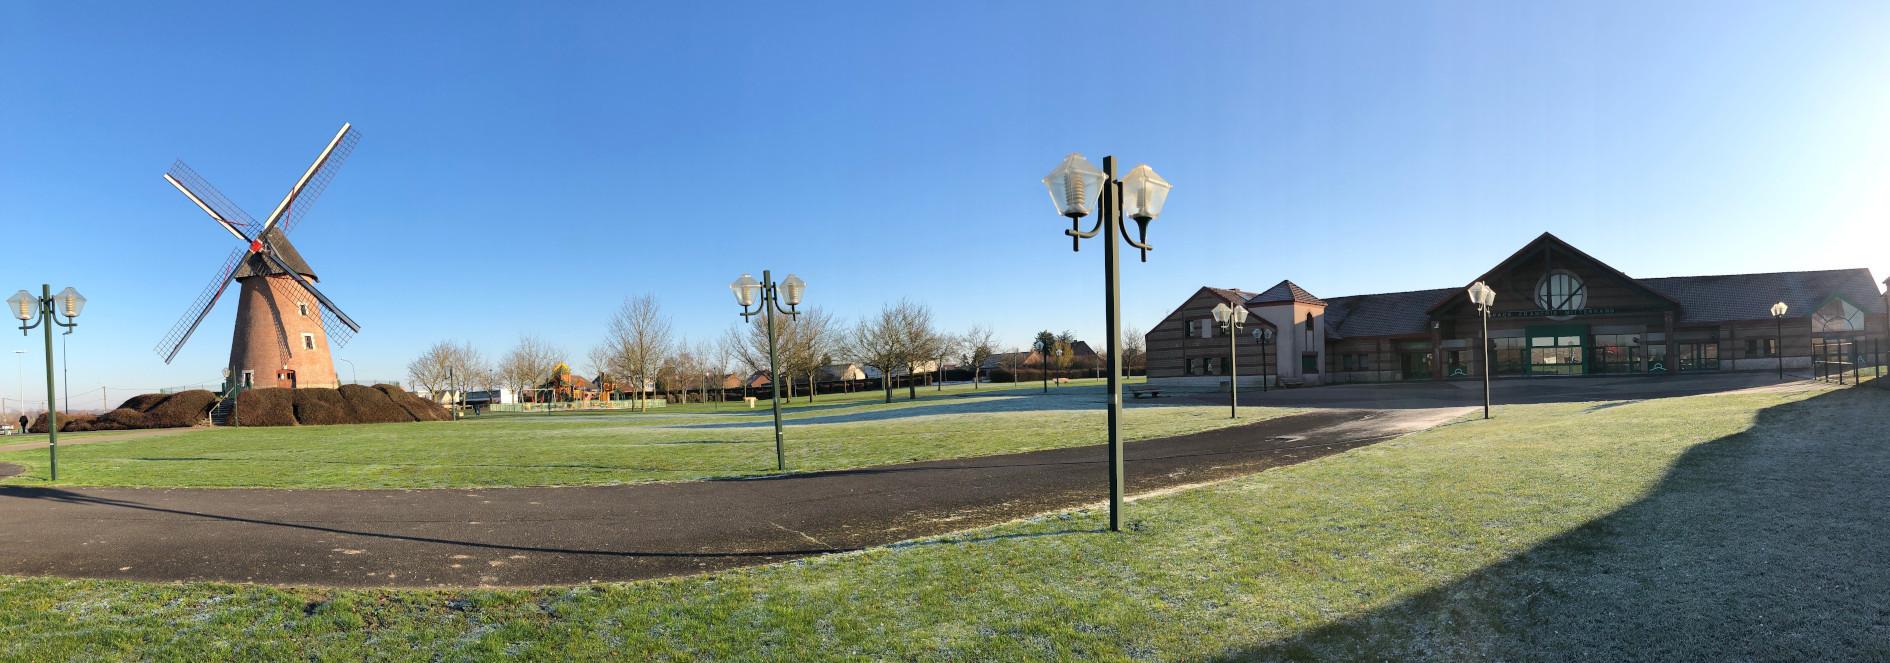 Le parc de la tourelle à Achcicourt en février 2020